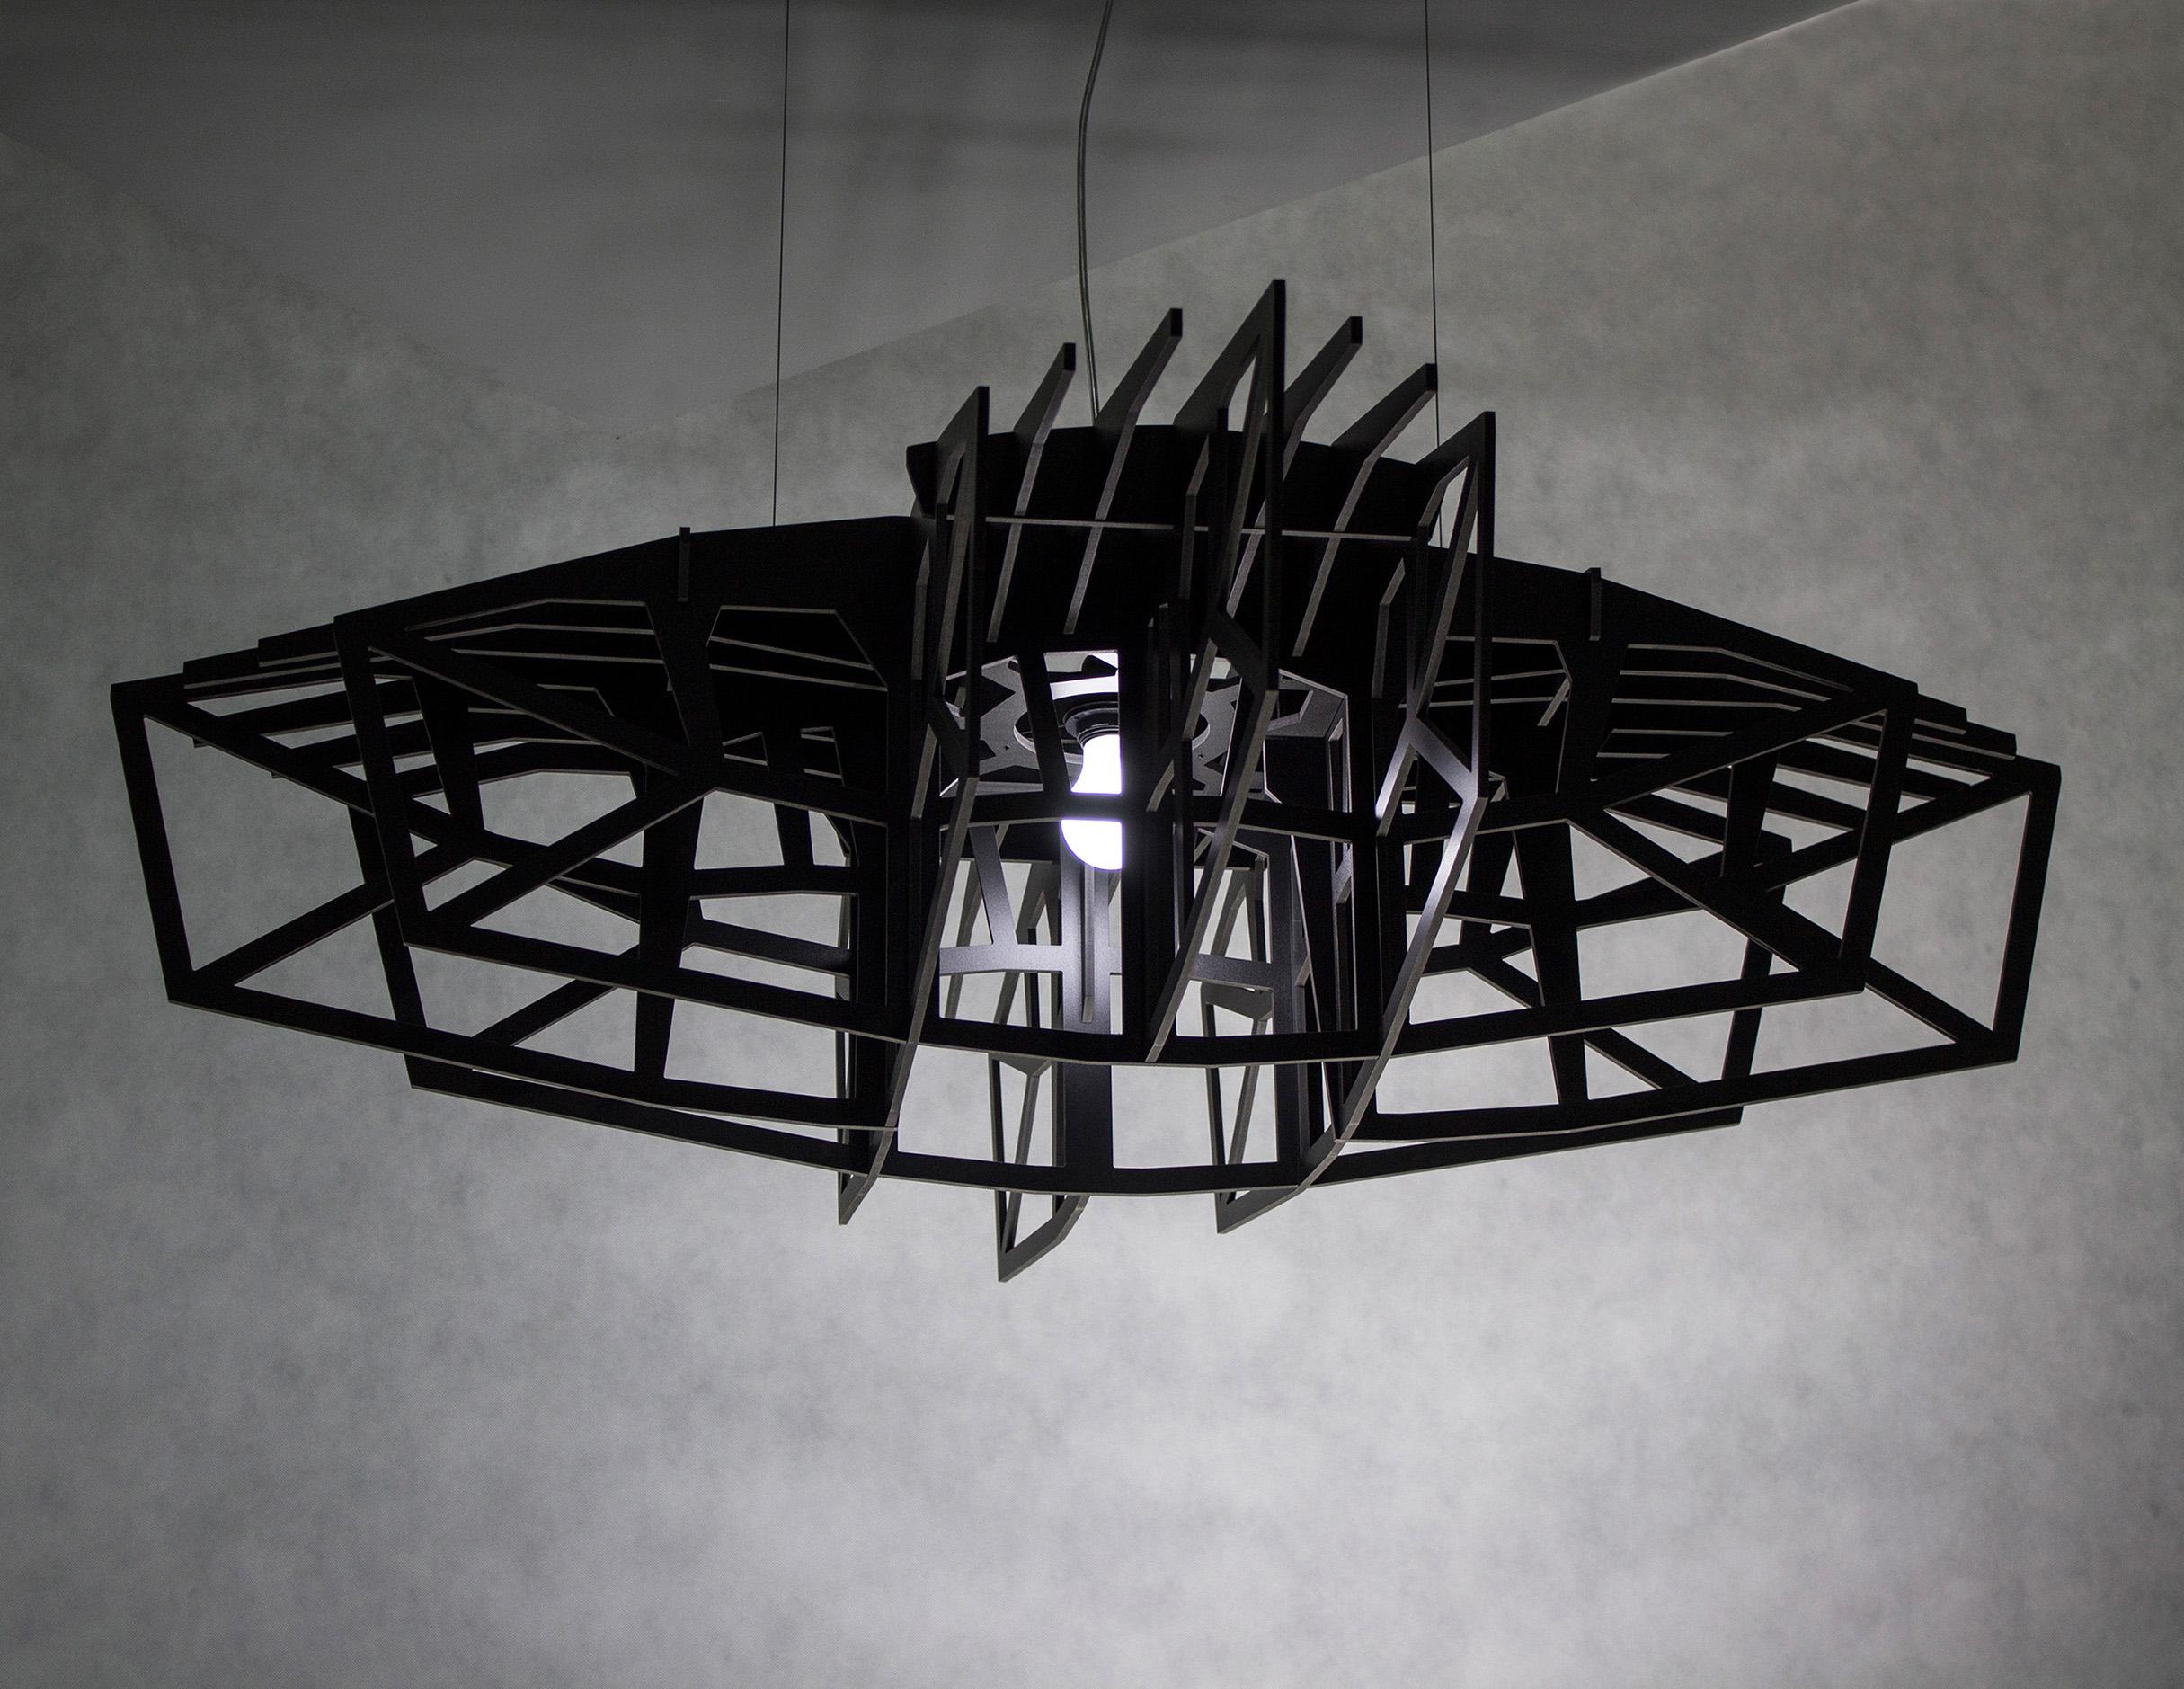 Lampa Nasu czarna gwiazda duża czarna lampa wisząca